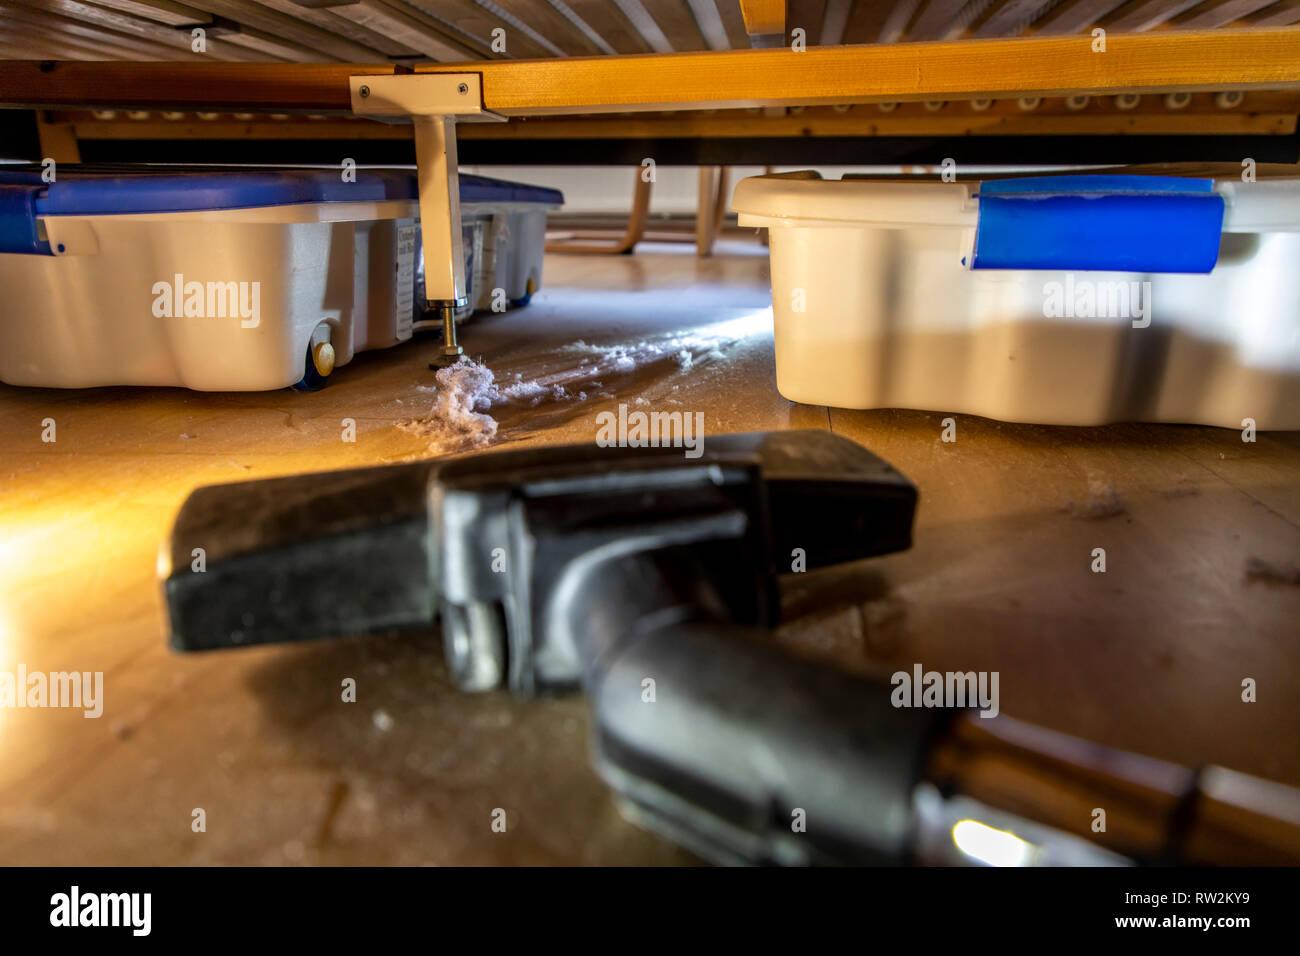 Hausstaub, Wollmäuse, Staubknäule, sammeln sich unter einem Bett, Staubsauger, Stock Photo